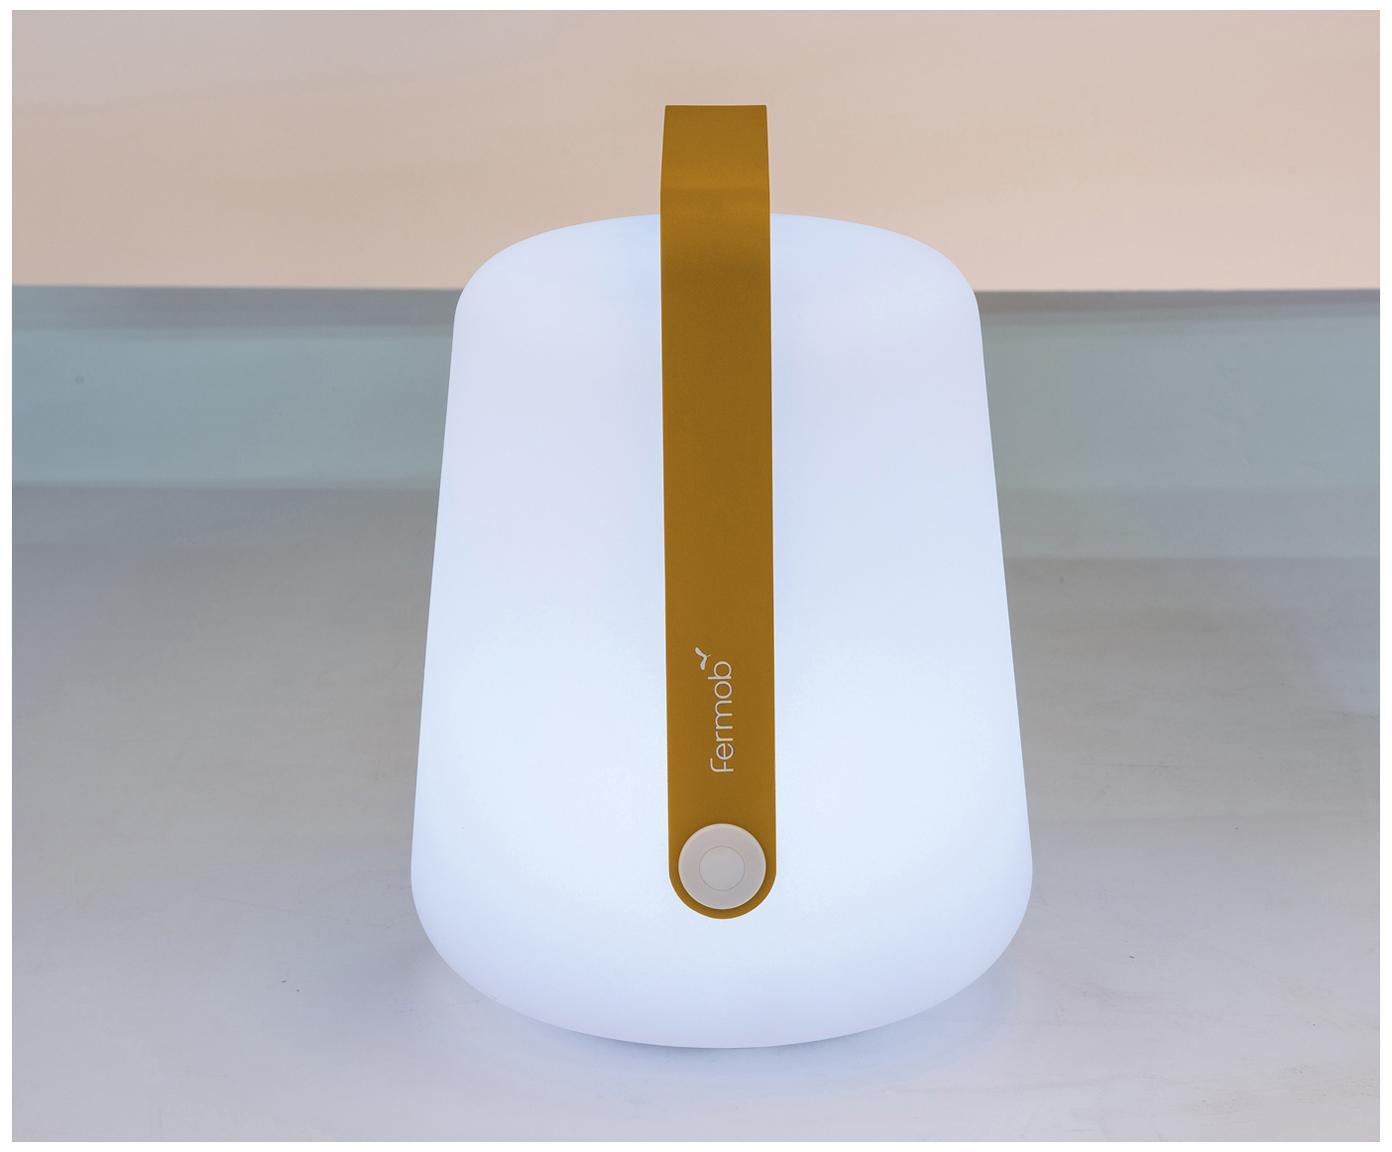 Zewnętrzna lampa mobilna LED Balad, Żółty, Ø 19 x W 25 cm